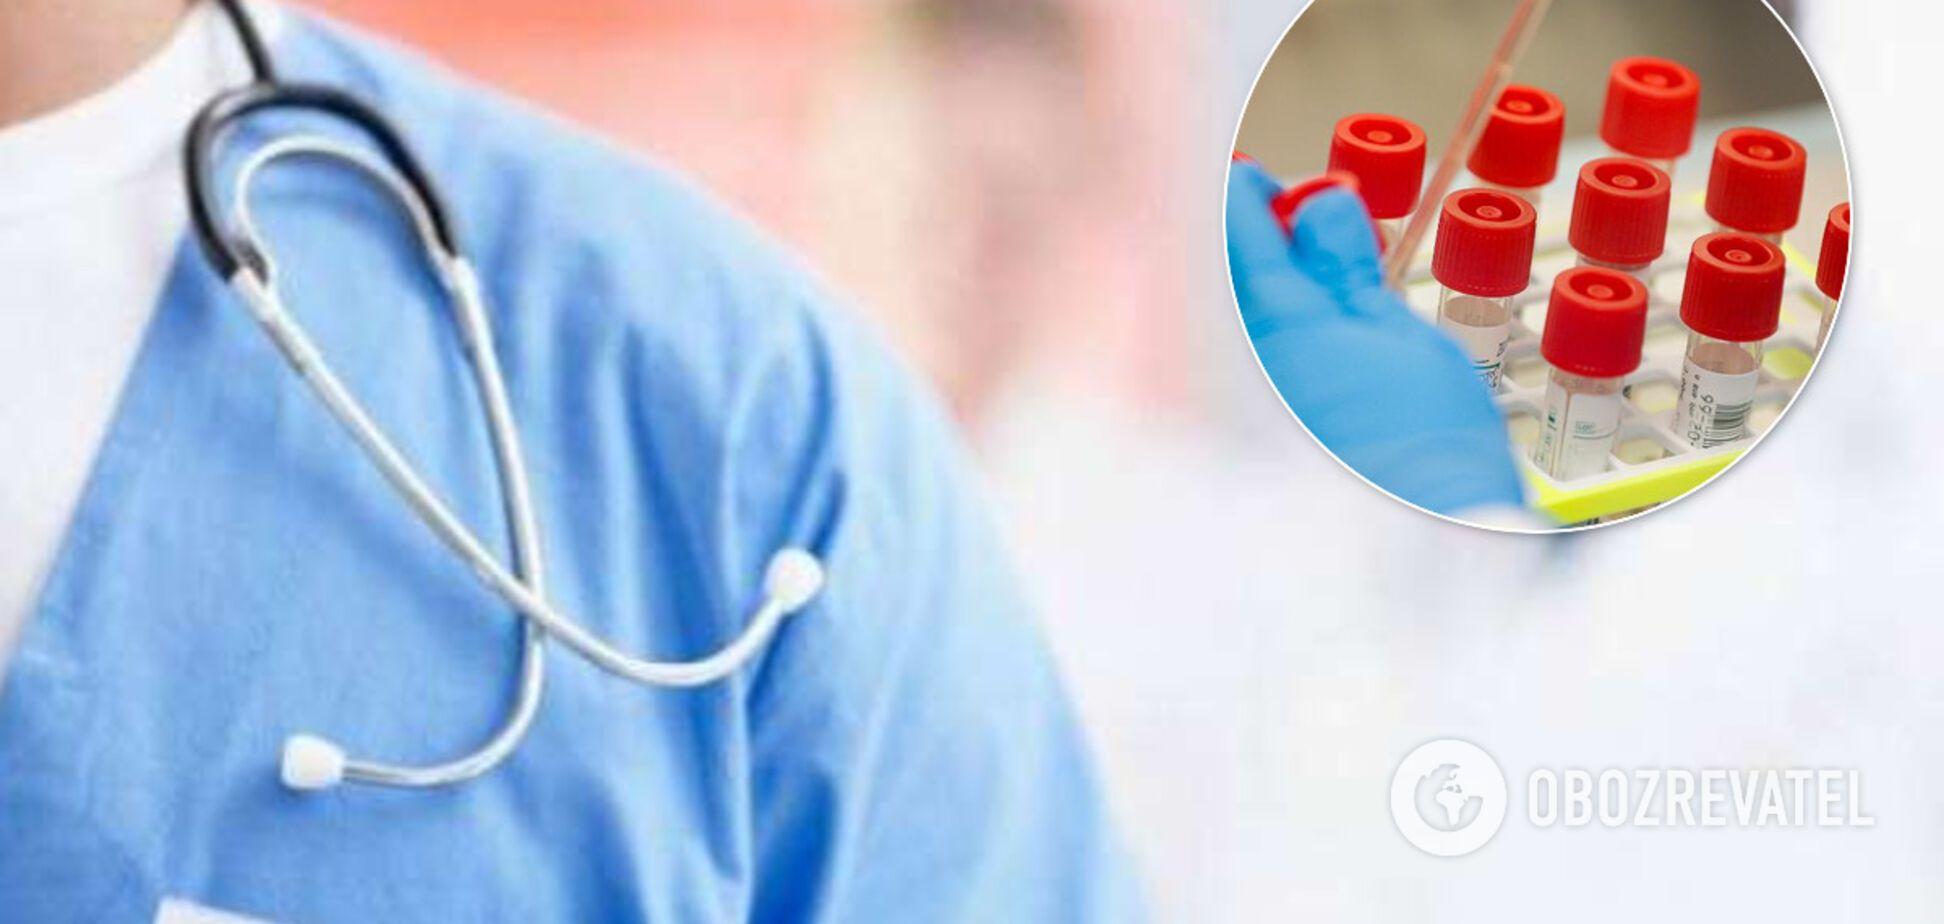 Канадські медики модифікували гемодіаліз для лікування тяжкохворих на Covid-19